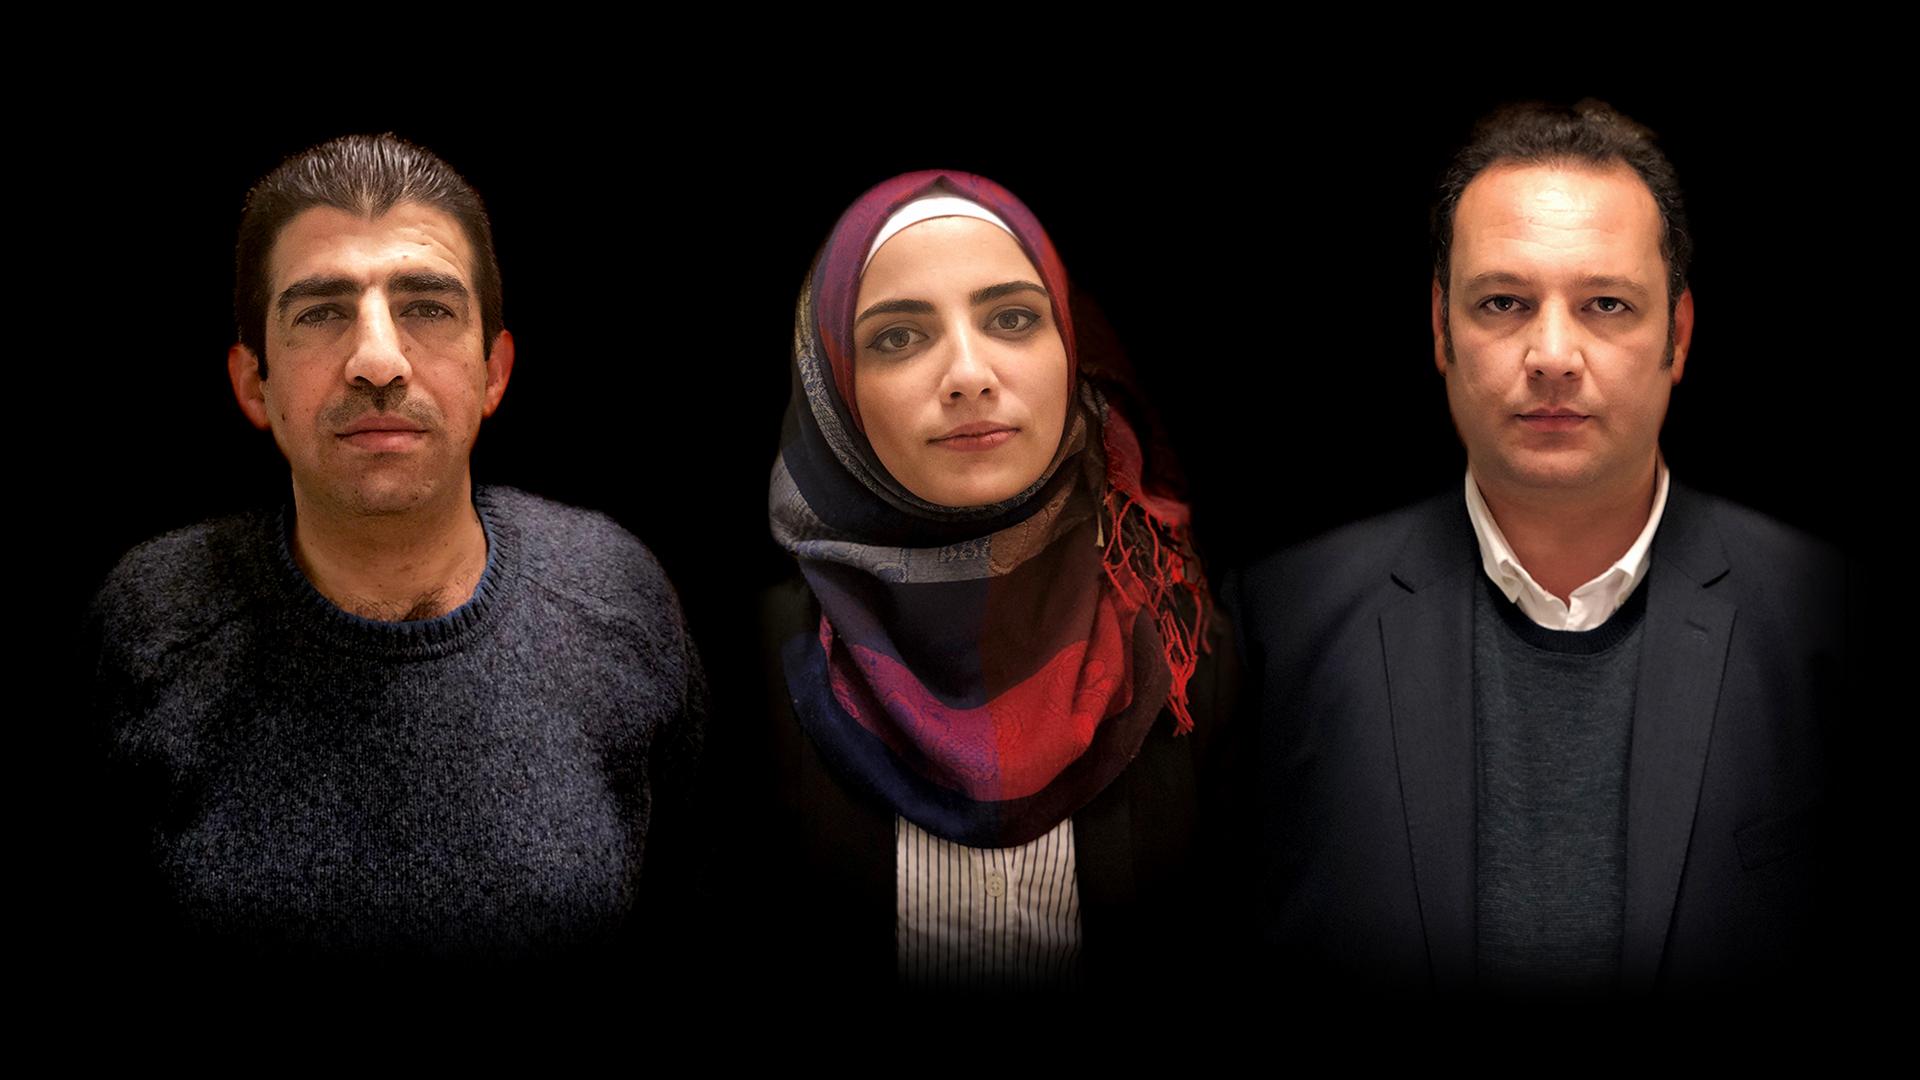 Abdulnaser, Alaa und Mansour Omari haben im Februar 2019 in Schweden Strafanzeige gegen hochrangige Geheimdienstchefs aus Syrien eingereicht. © Foto: Civil Rights Defenders